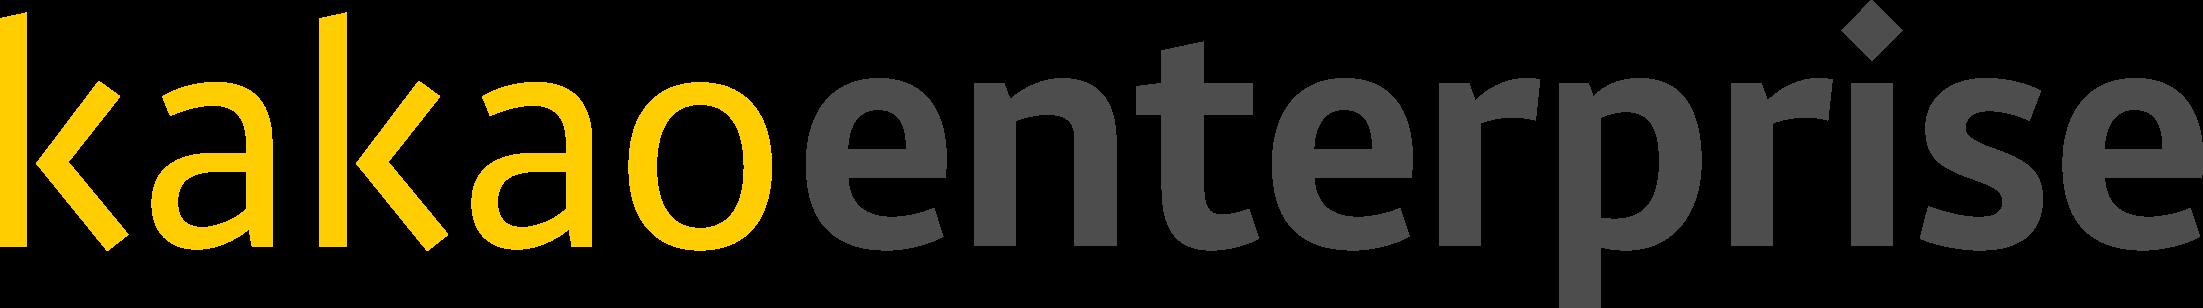 카카오의 계열사 (주)카카오엔터프라이즈의 로고